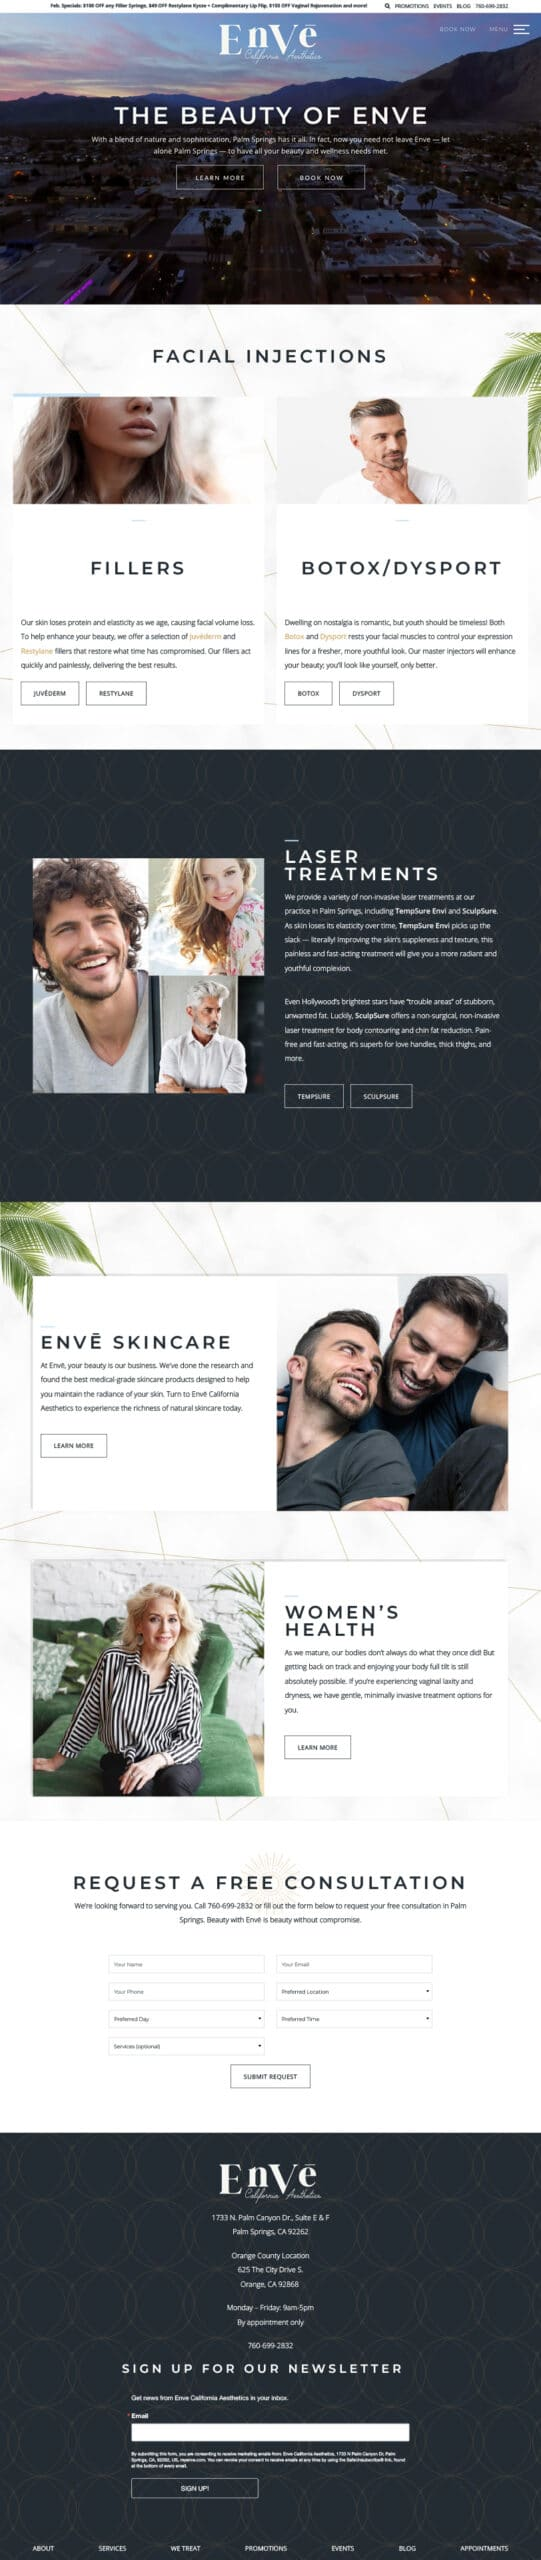 Envē full homepage